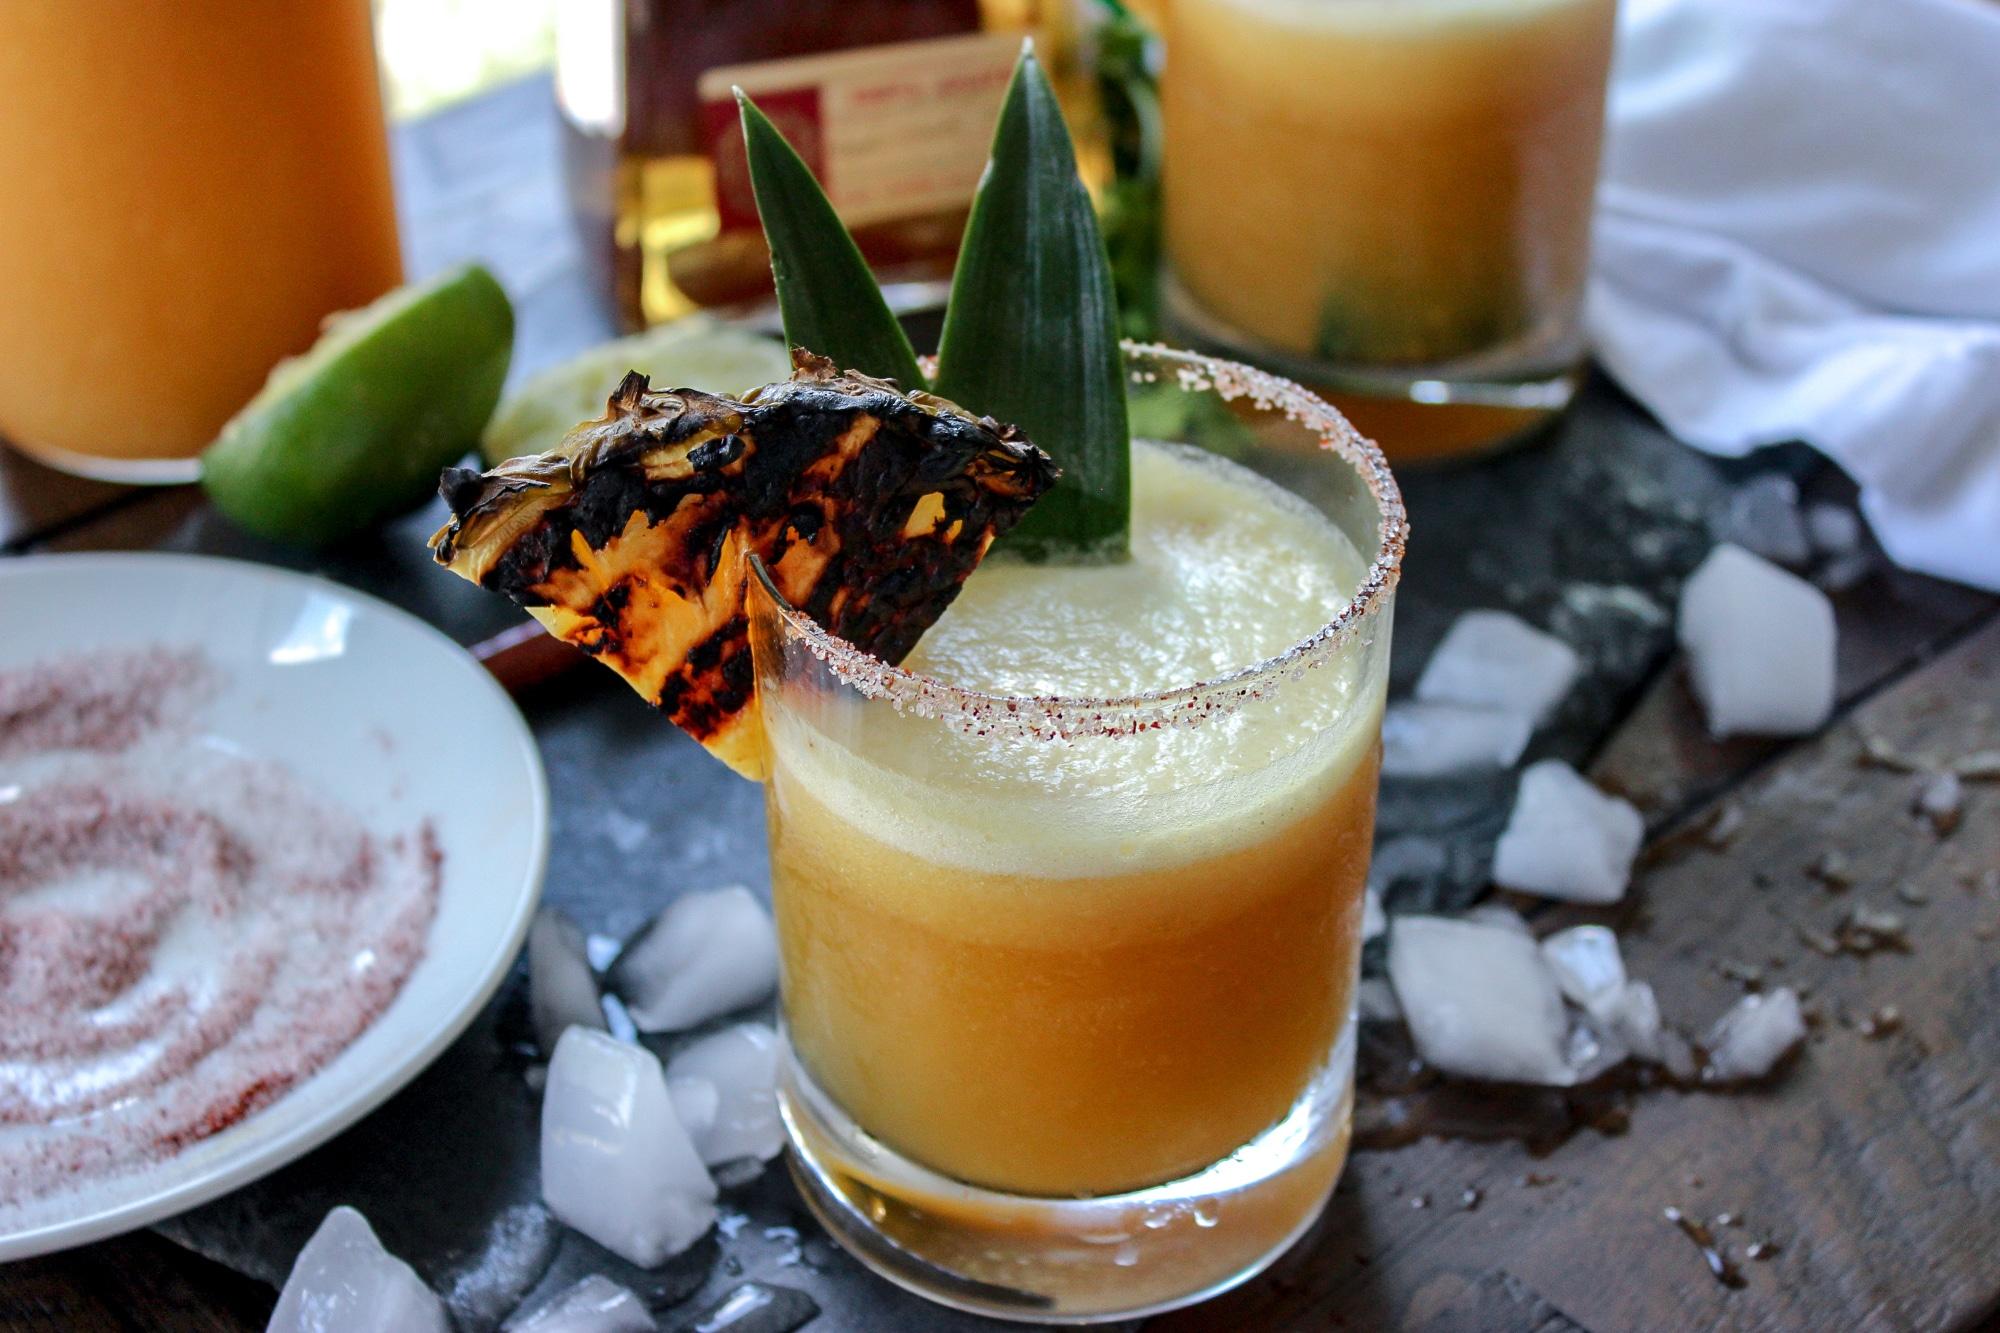 Jalapeno Pineapple Mezcal Margarita